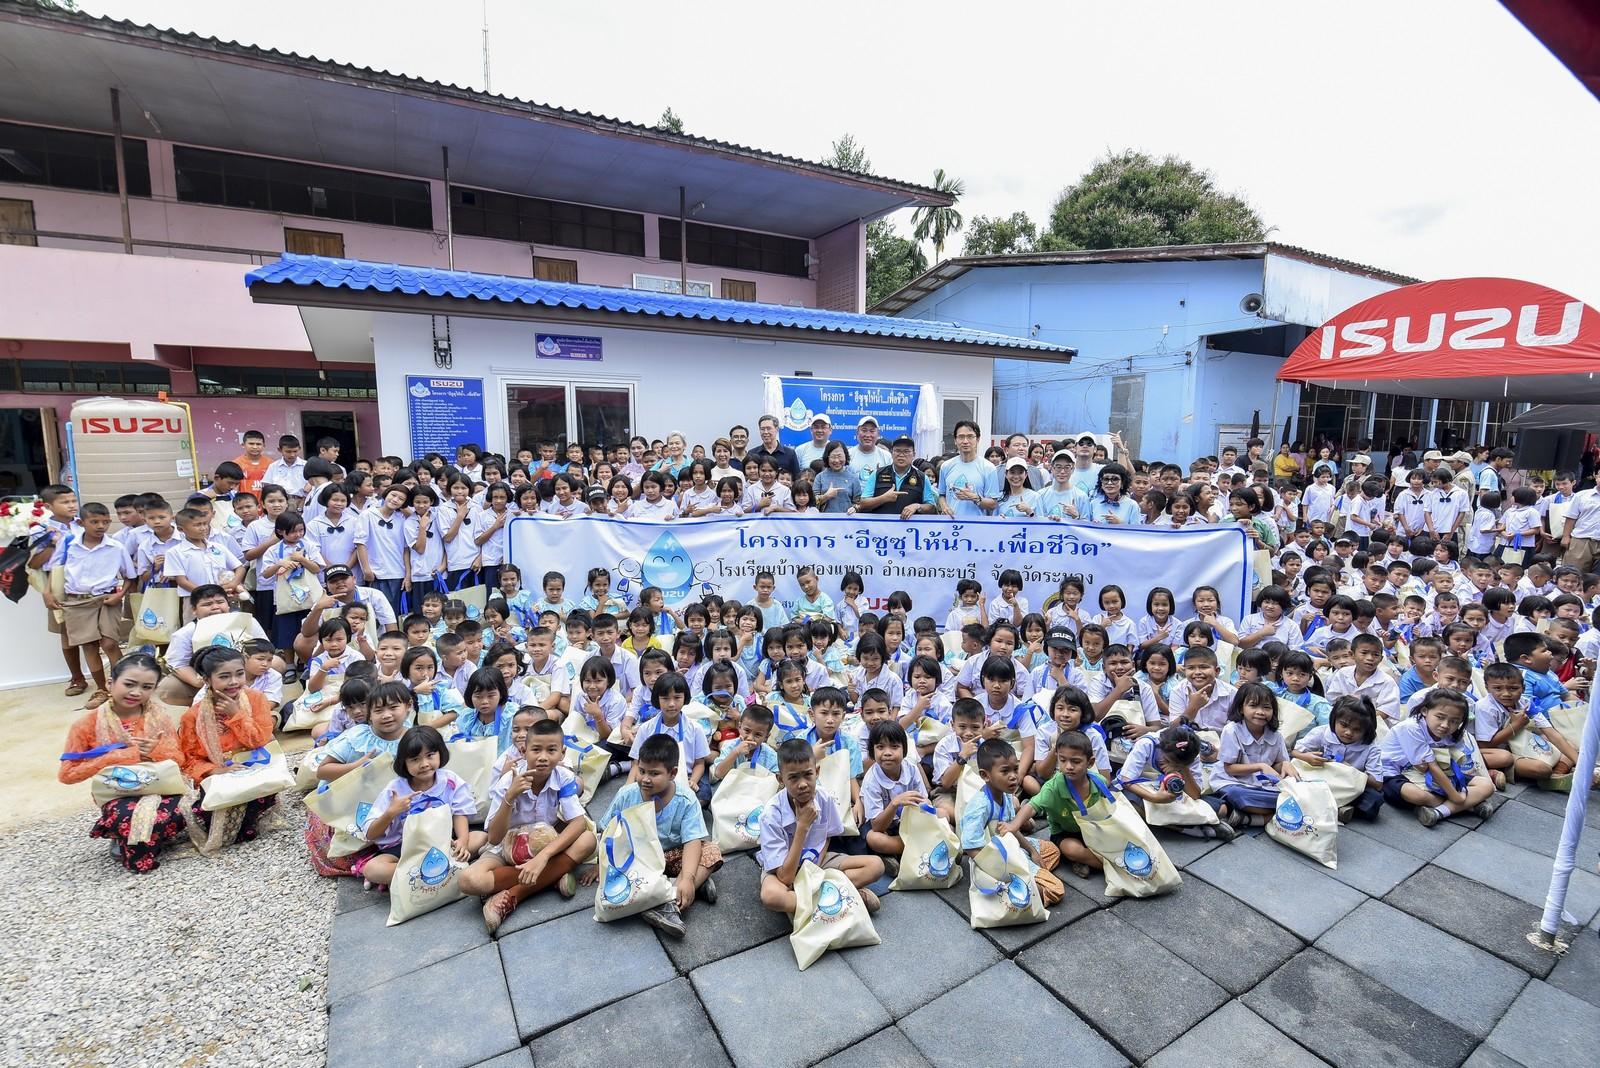 """อีซูซุ ส่งมอบระบบน้ำสะอาด โครงการ """"อีซูซุให้น้ำ…เพื่อชีวิต"""" แห่งที่ 35 แก่โรงเรียนบ้านสองแพรก จ.ระนอง"""